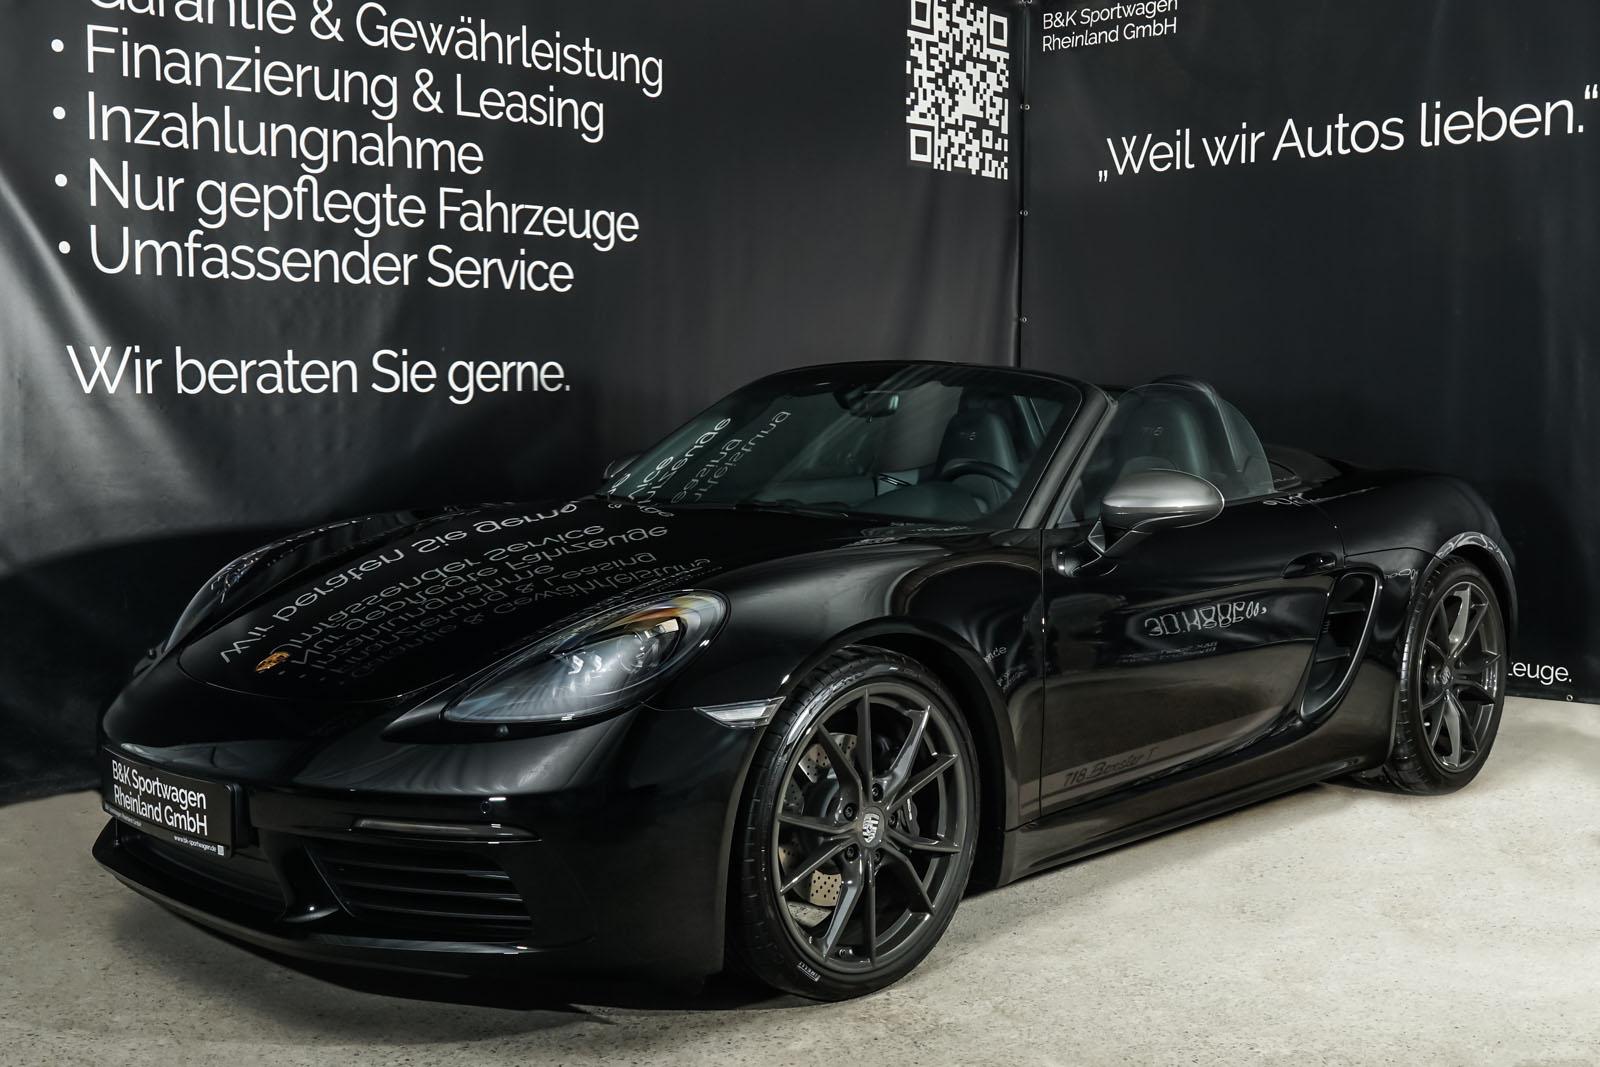 Porsche_718_BoxsterT_Schwarz_Schwarz_POR-1718_7_w